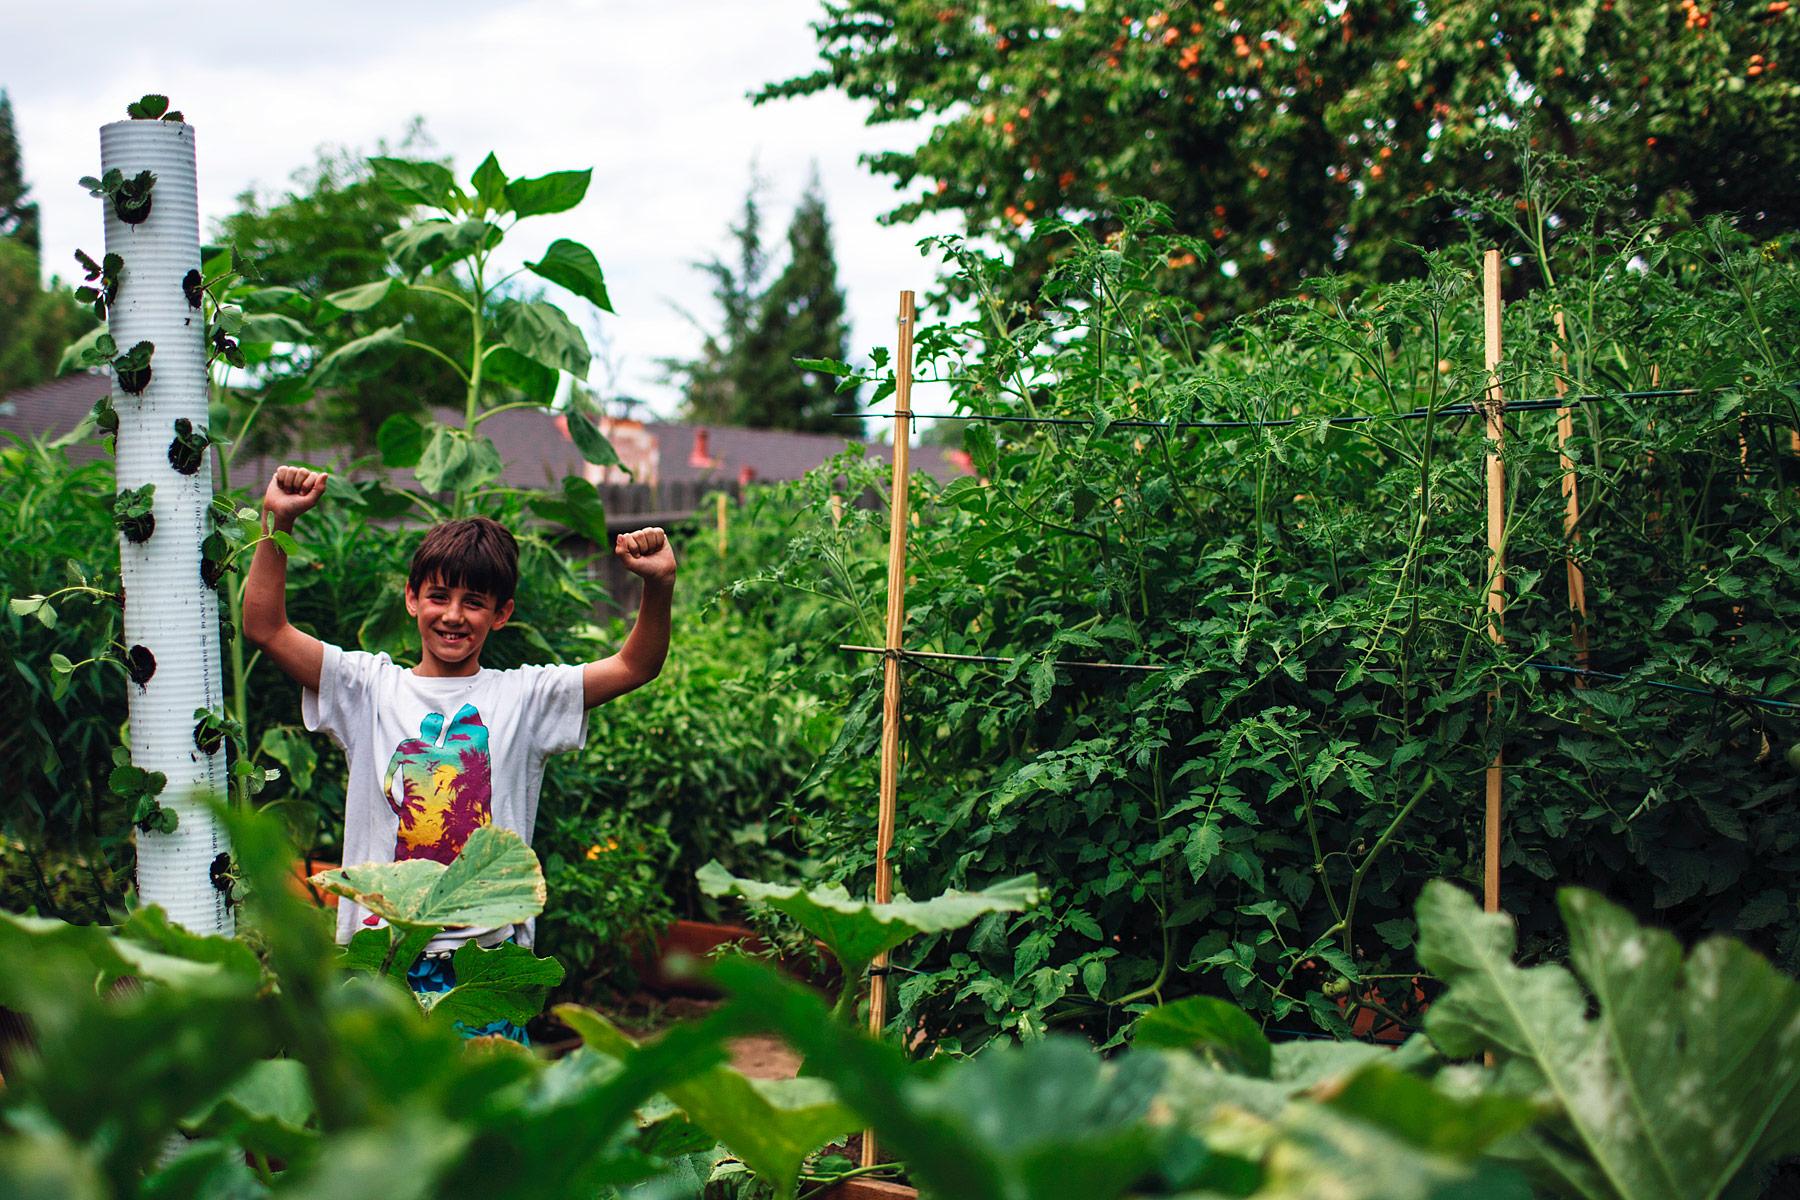 Proud of their garden